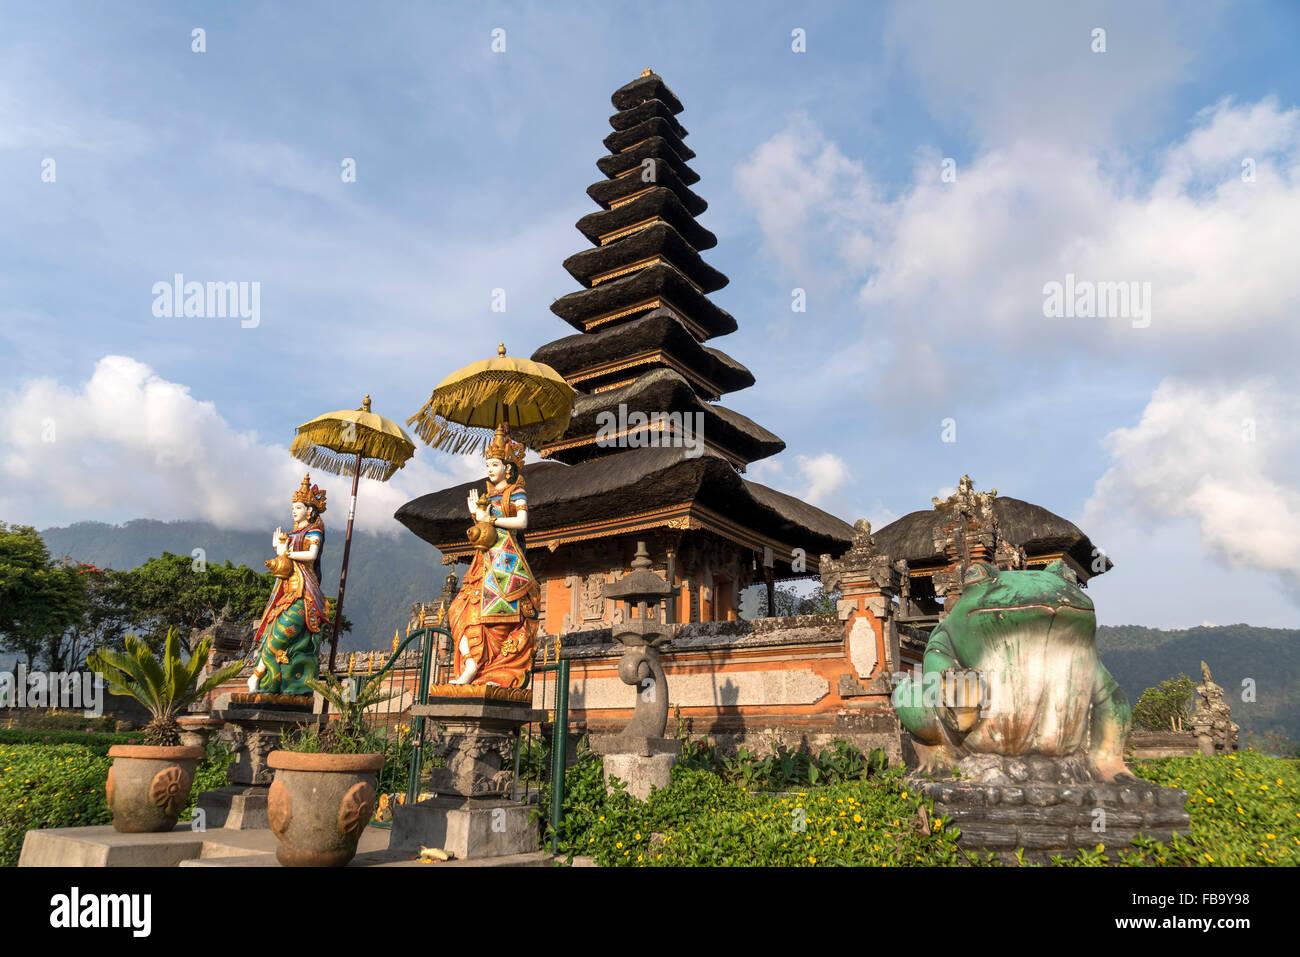 Los principales Shivaite y templo del Agua Pura Ulun Danu Bratan en las orillas del lago Bratan, Bedugul, Bali, Imagen De Stock